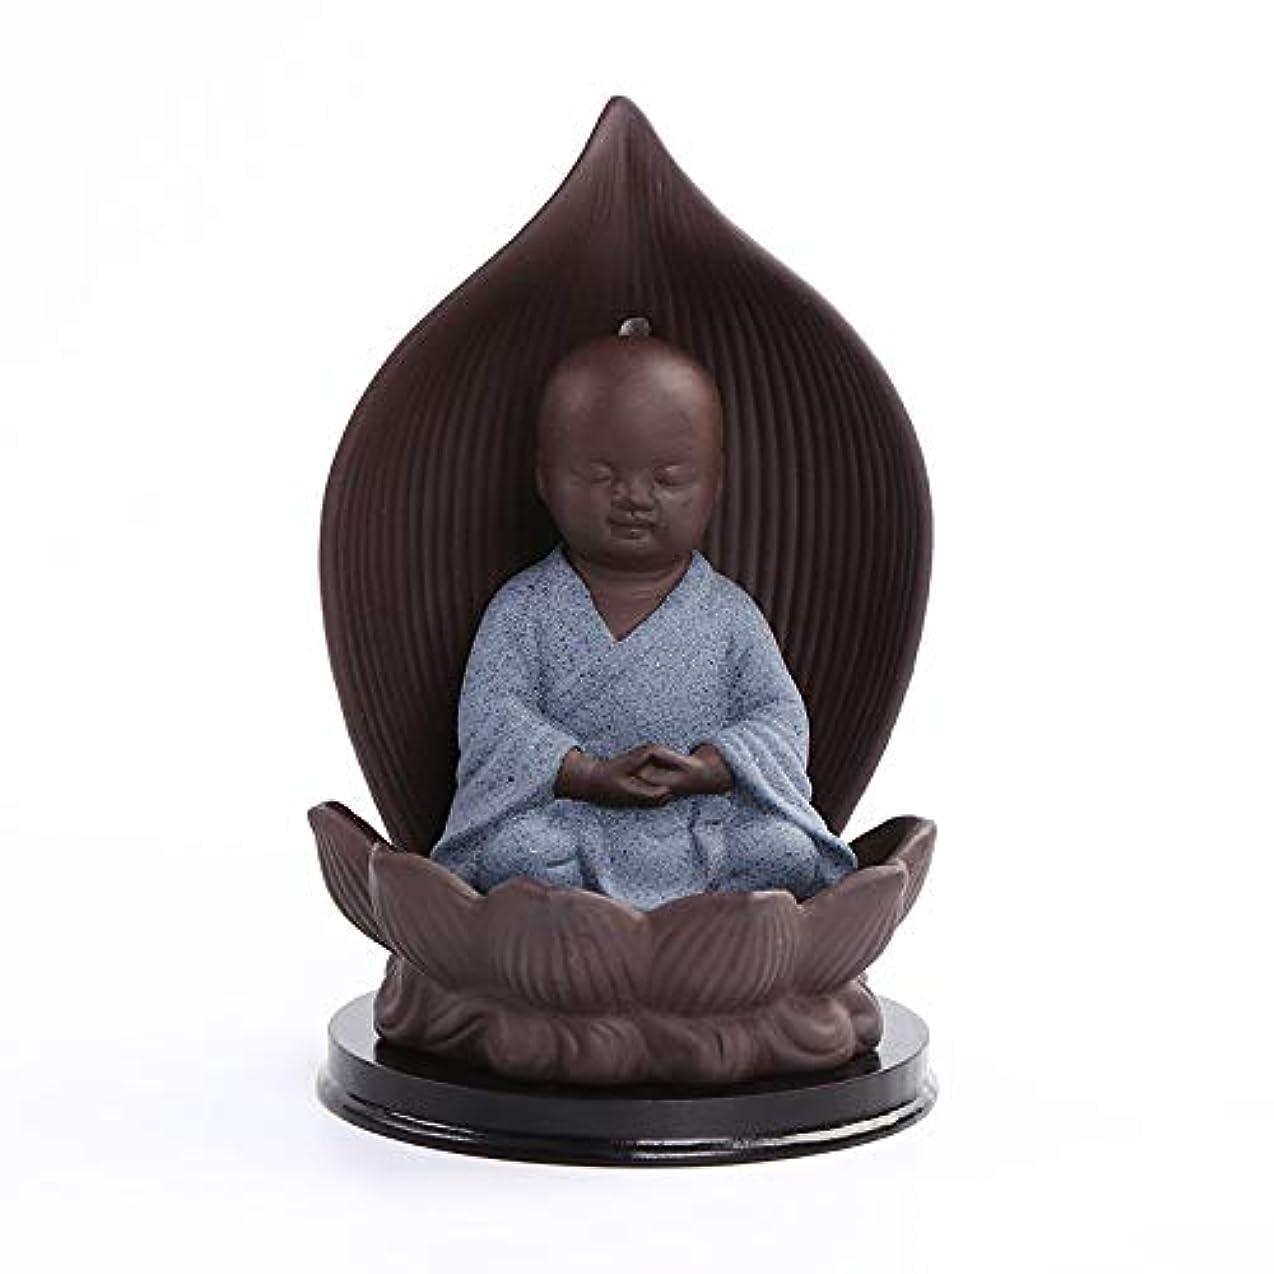 するクラックフォームセラミック香炉バッキングブラケット磁器仏教僧mon仏炉香スティックフレーム工芸ギフトバーナー9 * 15センチ